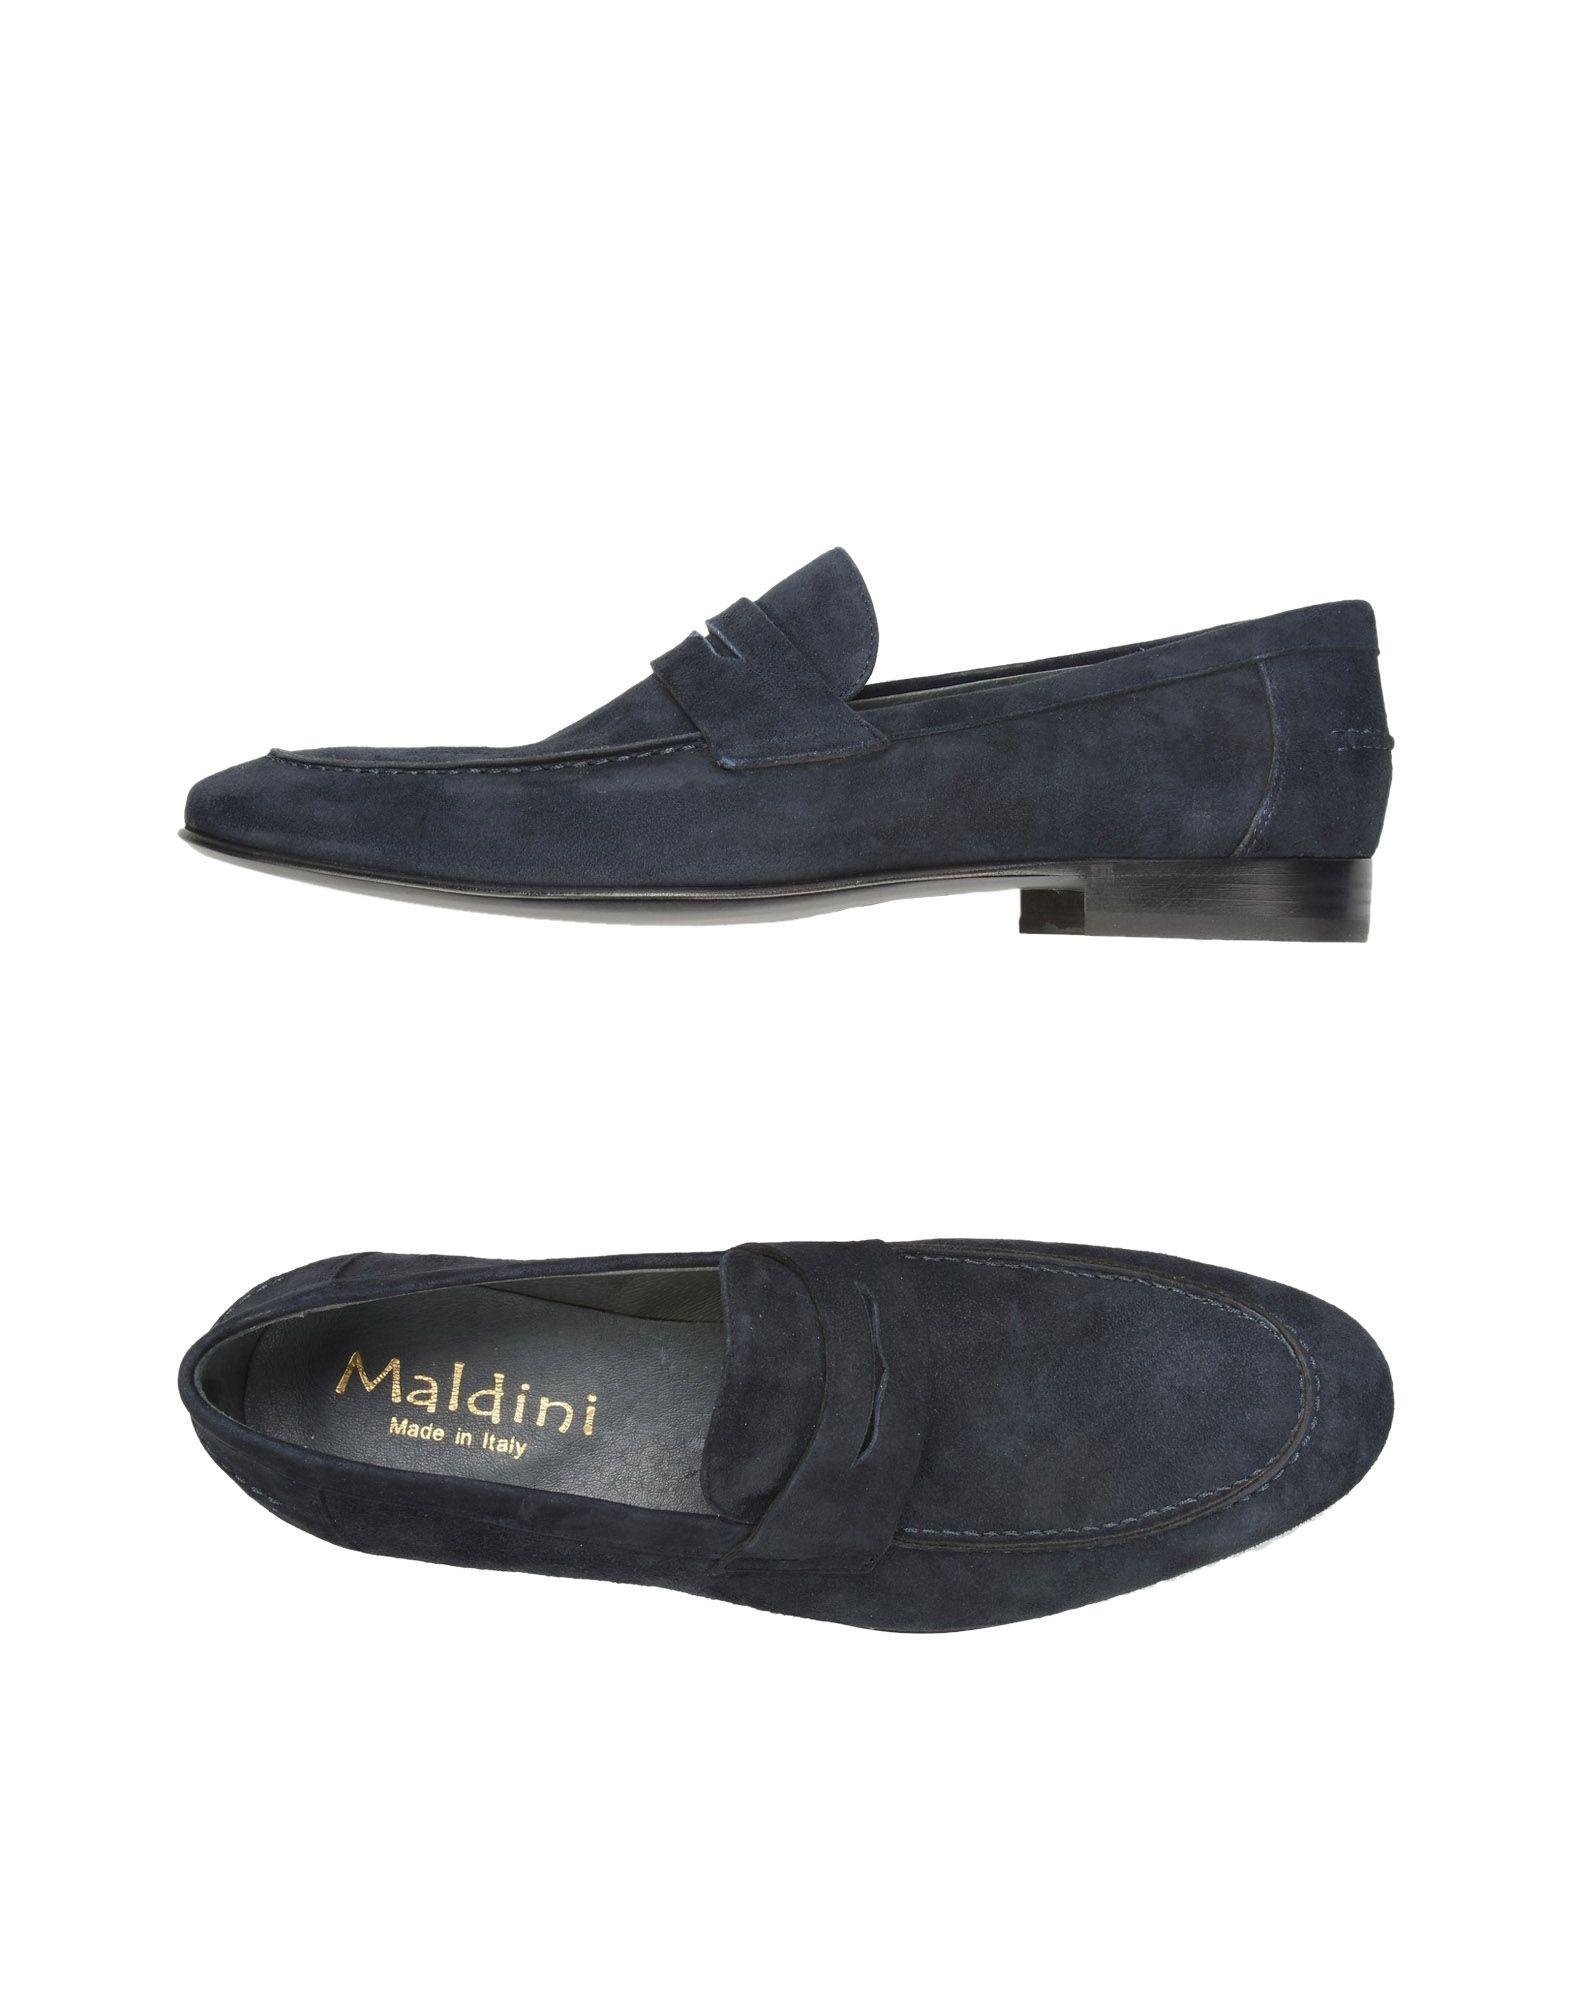 Mocassino Maldini 7450 - herren - 11419765FX